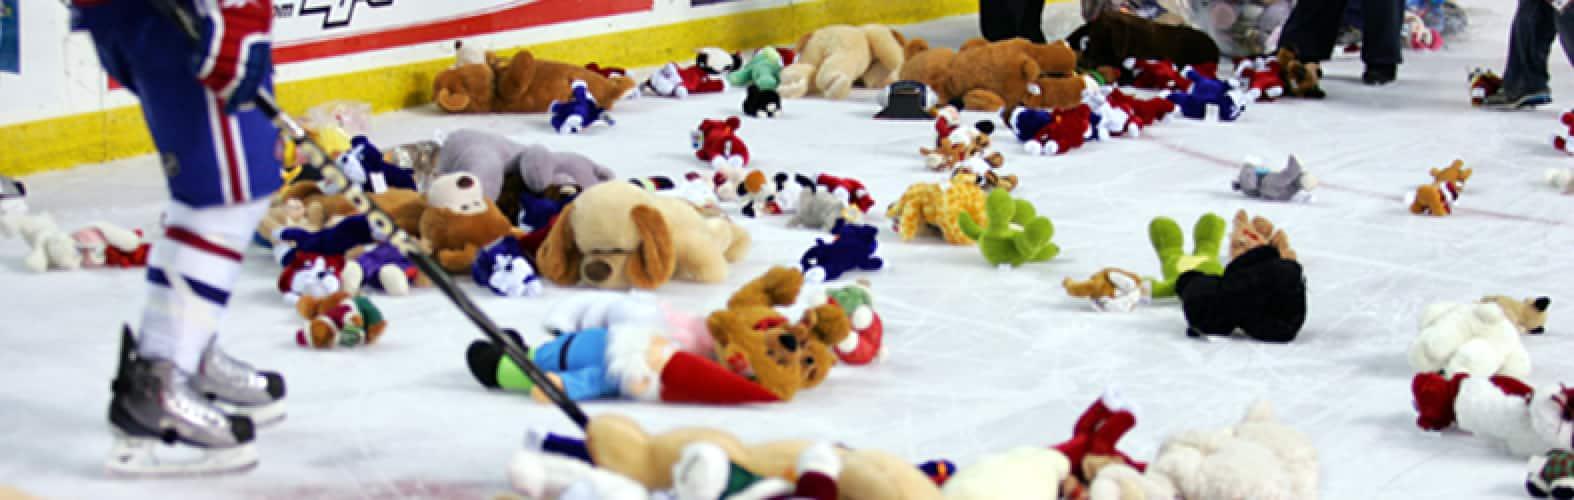 STC Group, European Toy Safety, EN71 Testing & REACH, BPA, PAHs, RoHS,